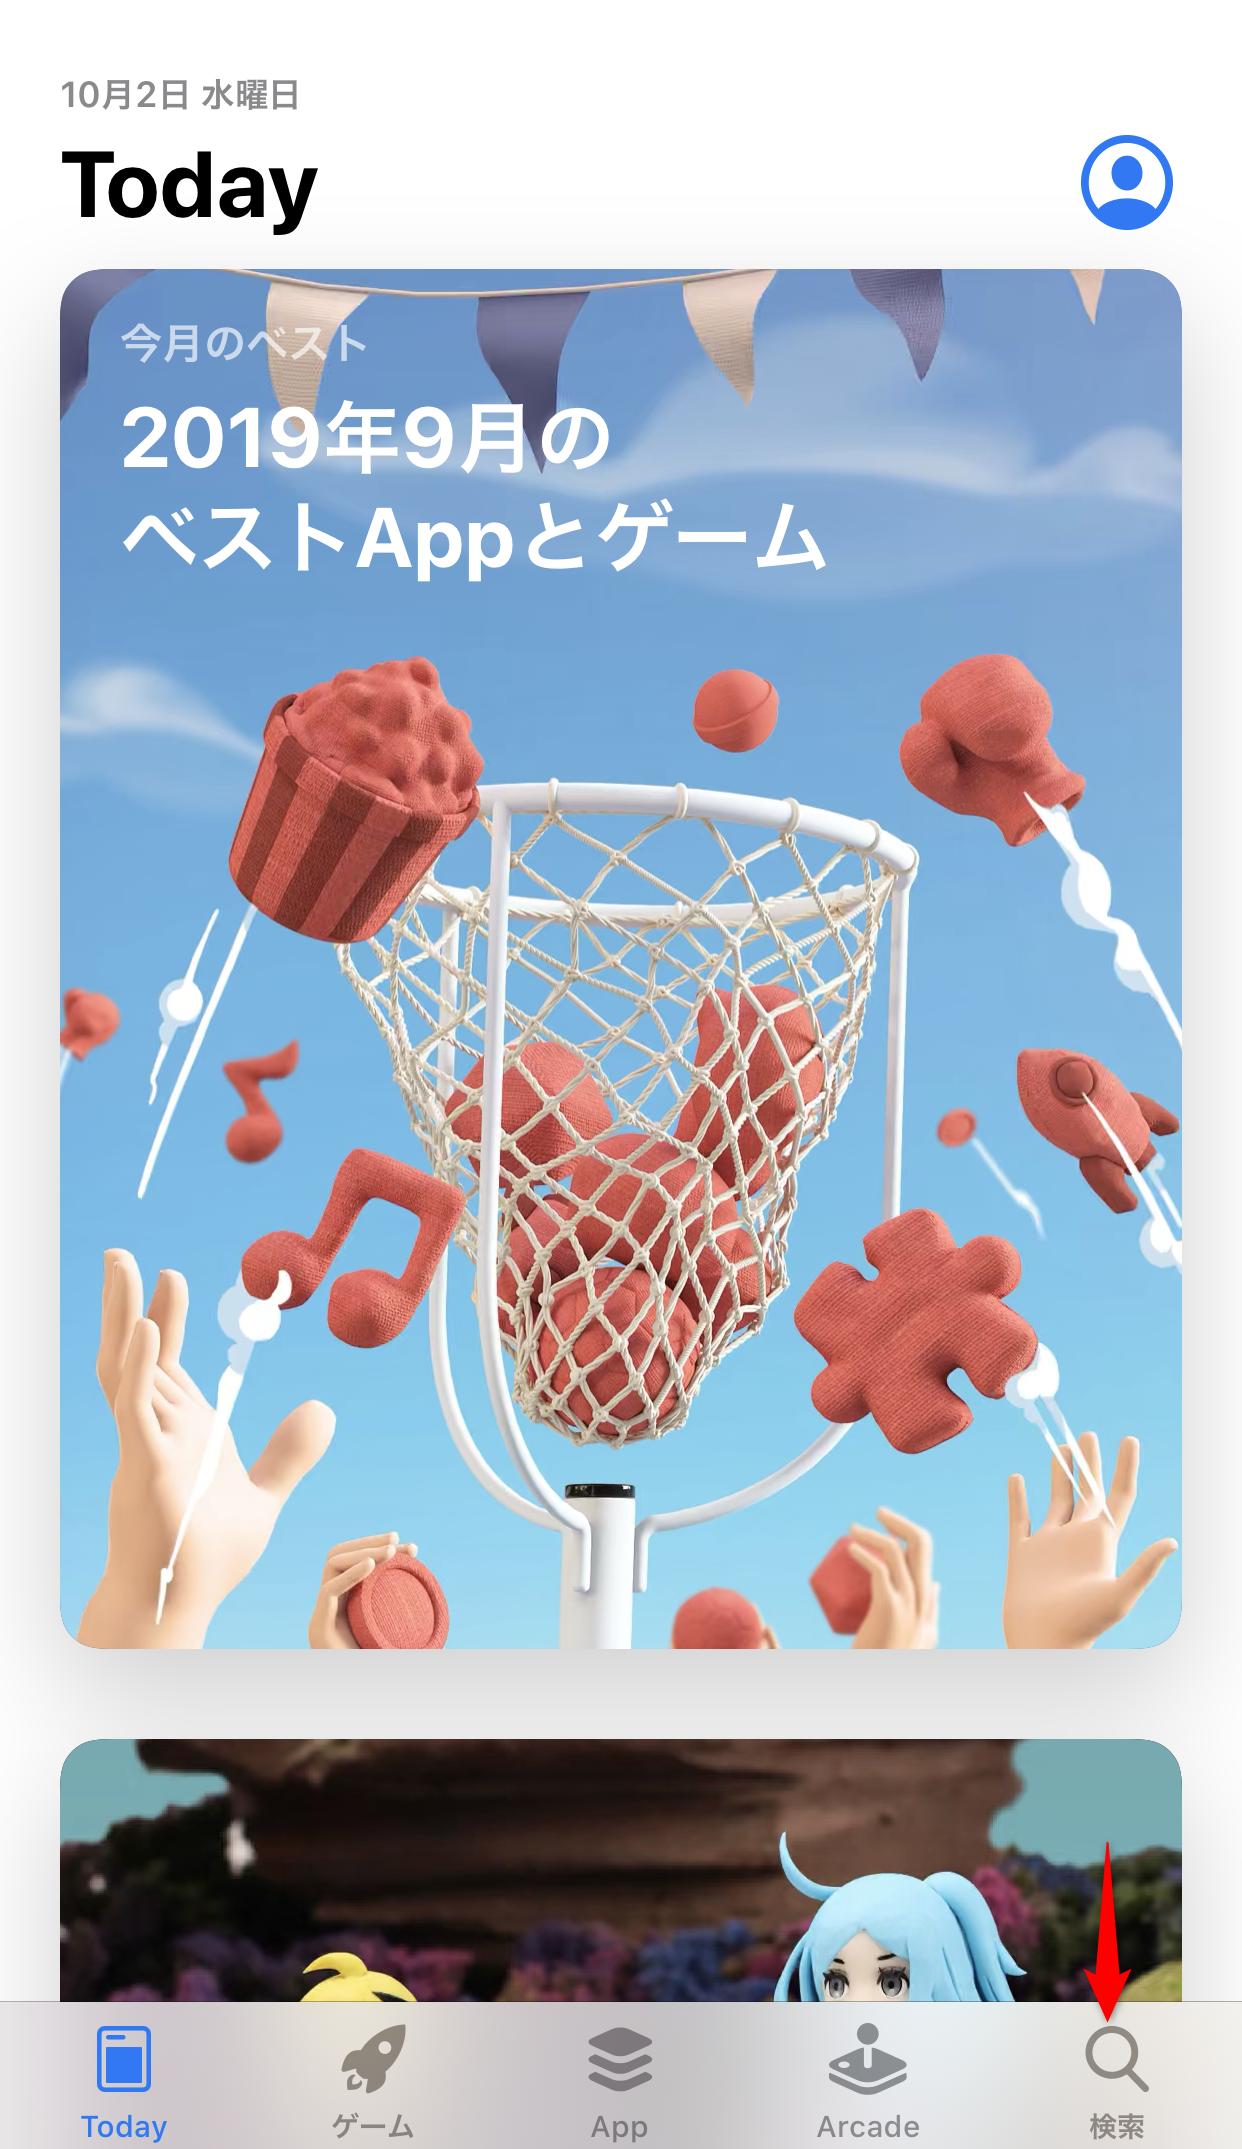 【iOS 13】iPhoneの標準アプリを再インストールする方法。まとめて元に戻したいときは「提供元」に注目!